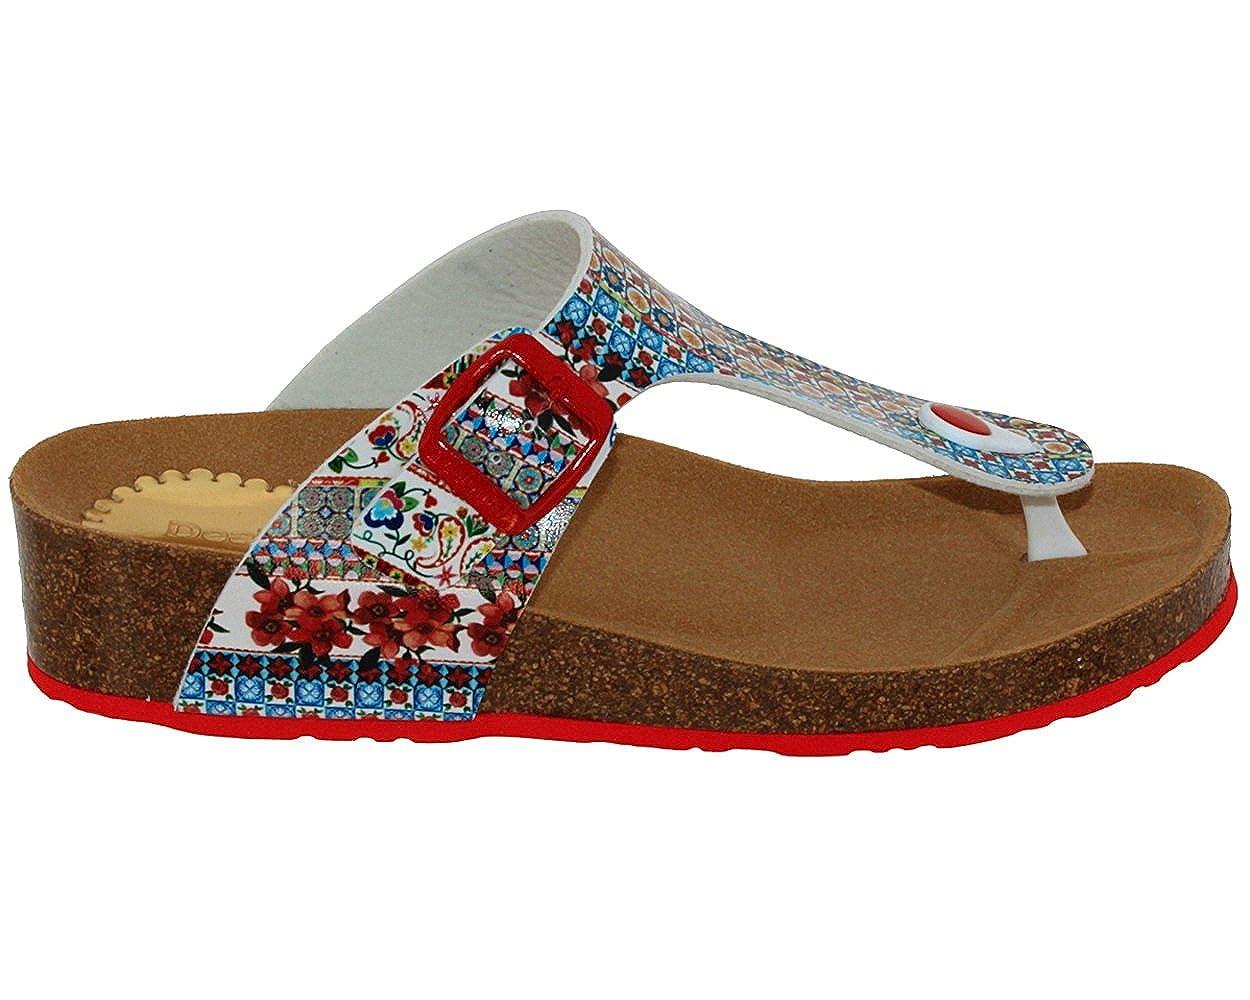 Desigual Beach Schuhes Libra MICRORAPPORT 3061 3061 3061 Rojo roja 4d4954